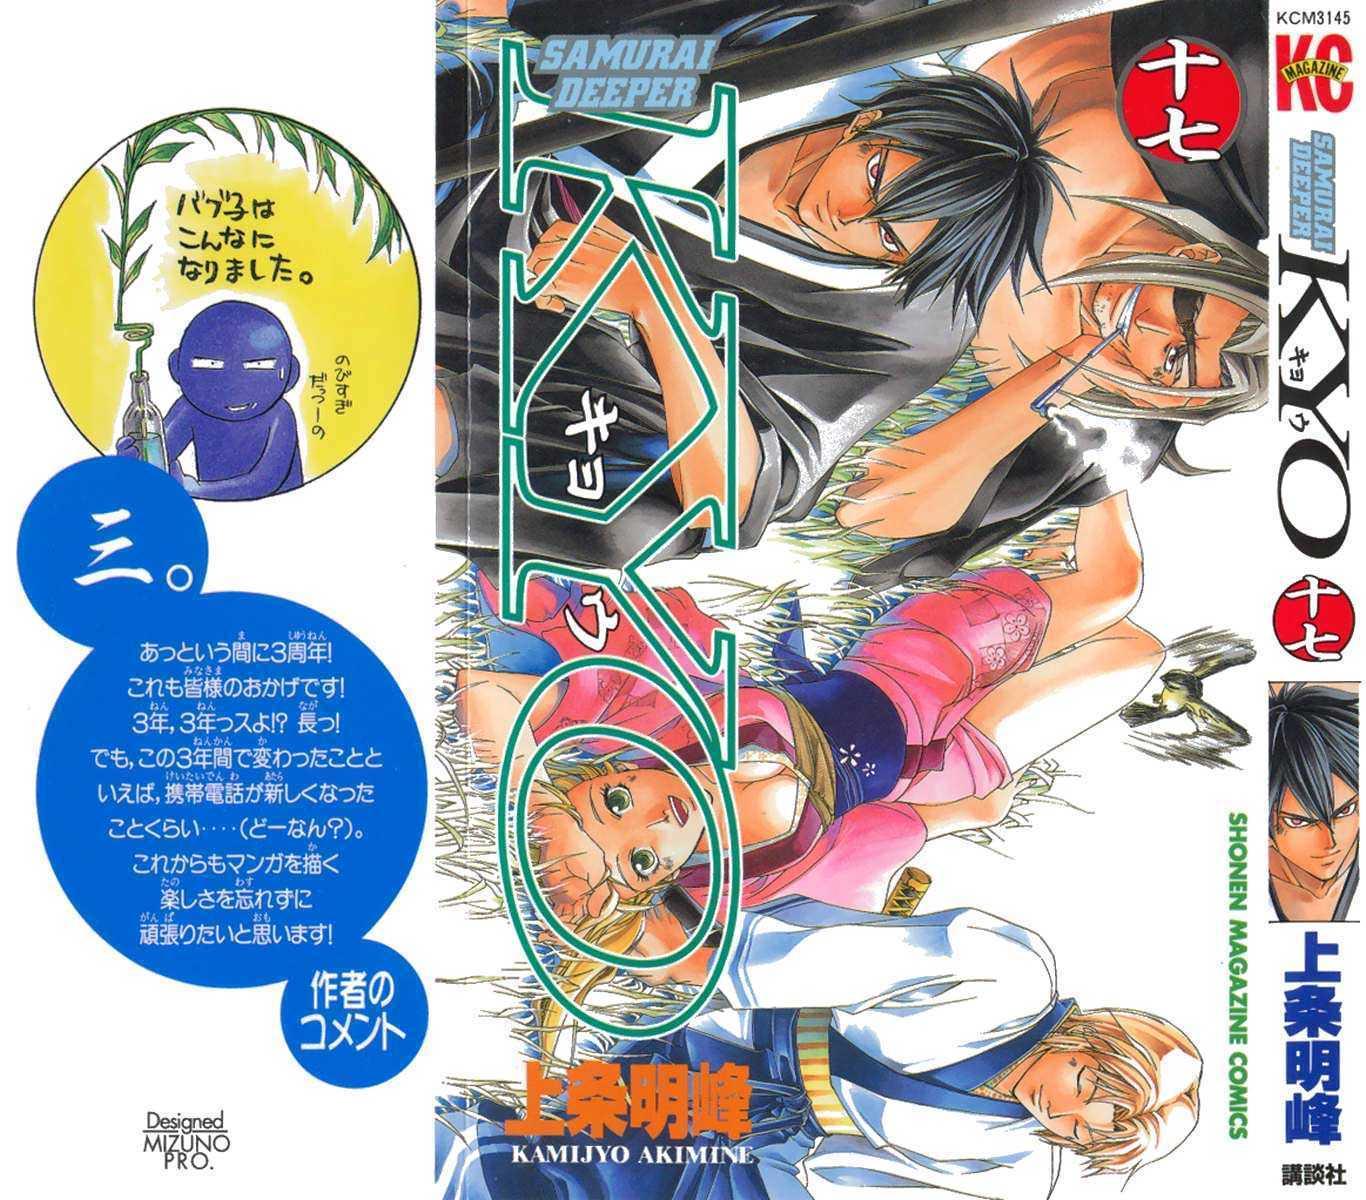 Samurai Deeper Kyo 131 Page 1